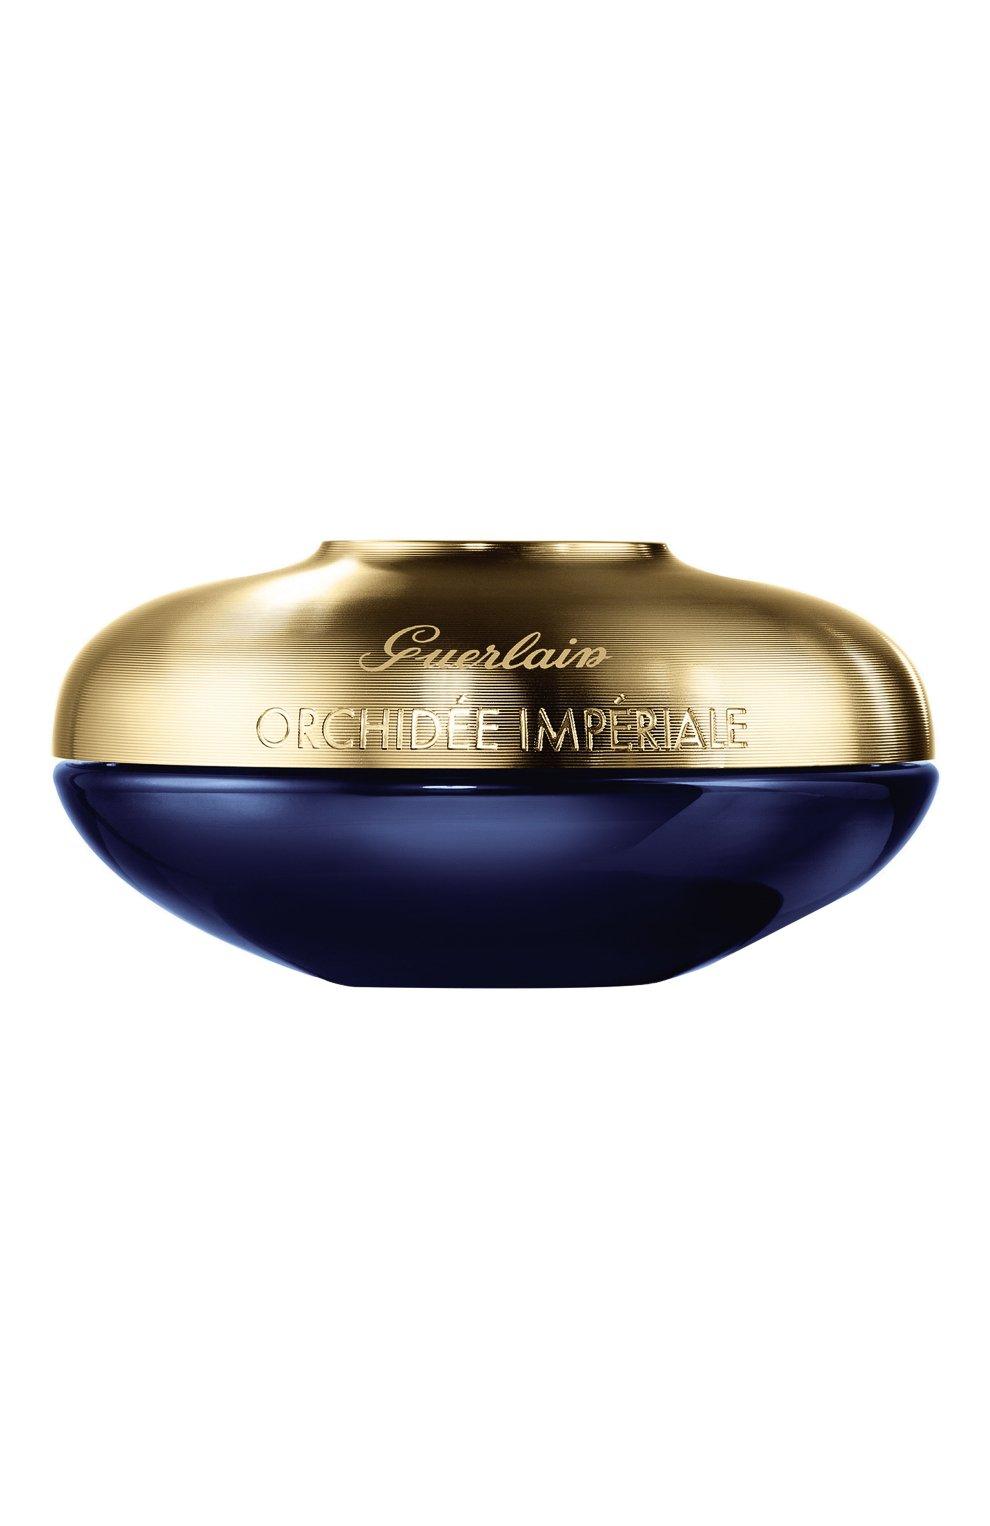 Крем для лица с облегчённой текстурой orchidée impériale (50ml) GUERLAIN бесцветного цвета, арт. G061517 | Фото 1 (Статус проверки: Проверена категория)